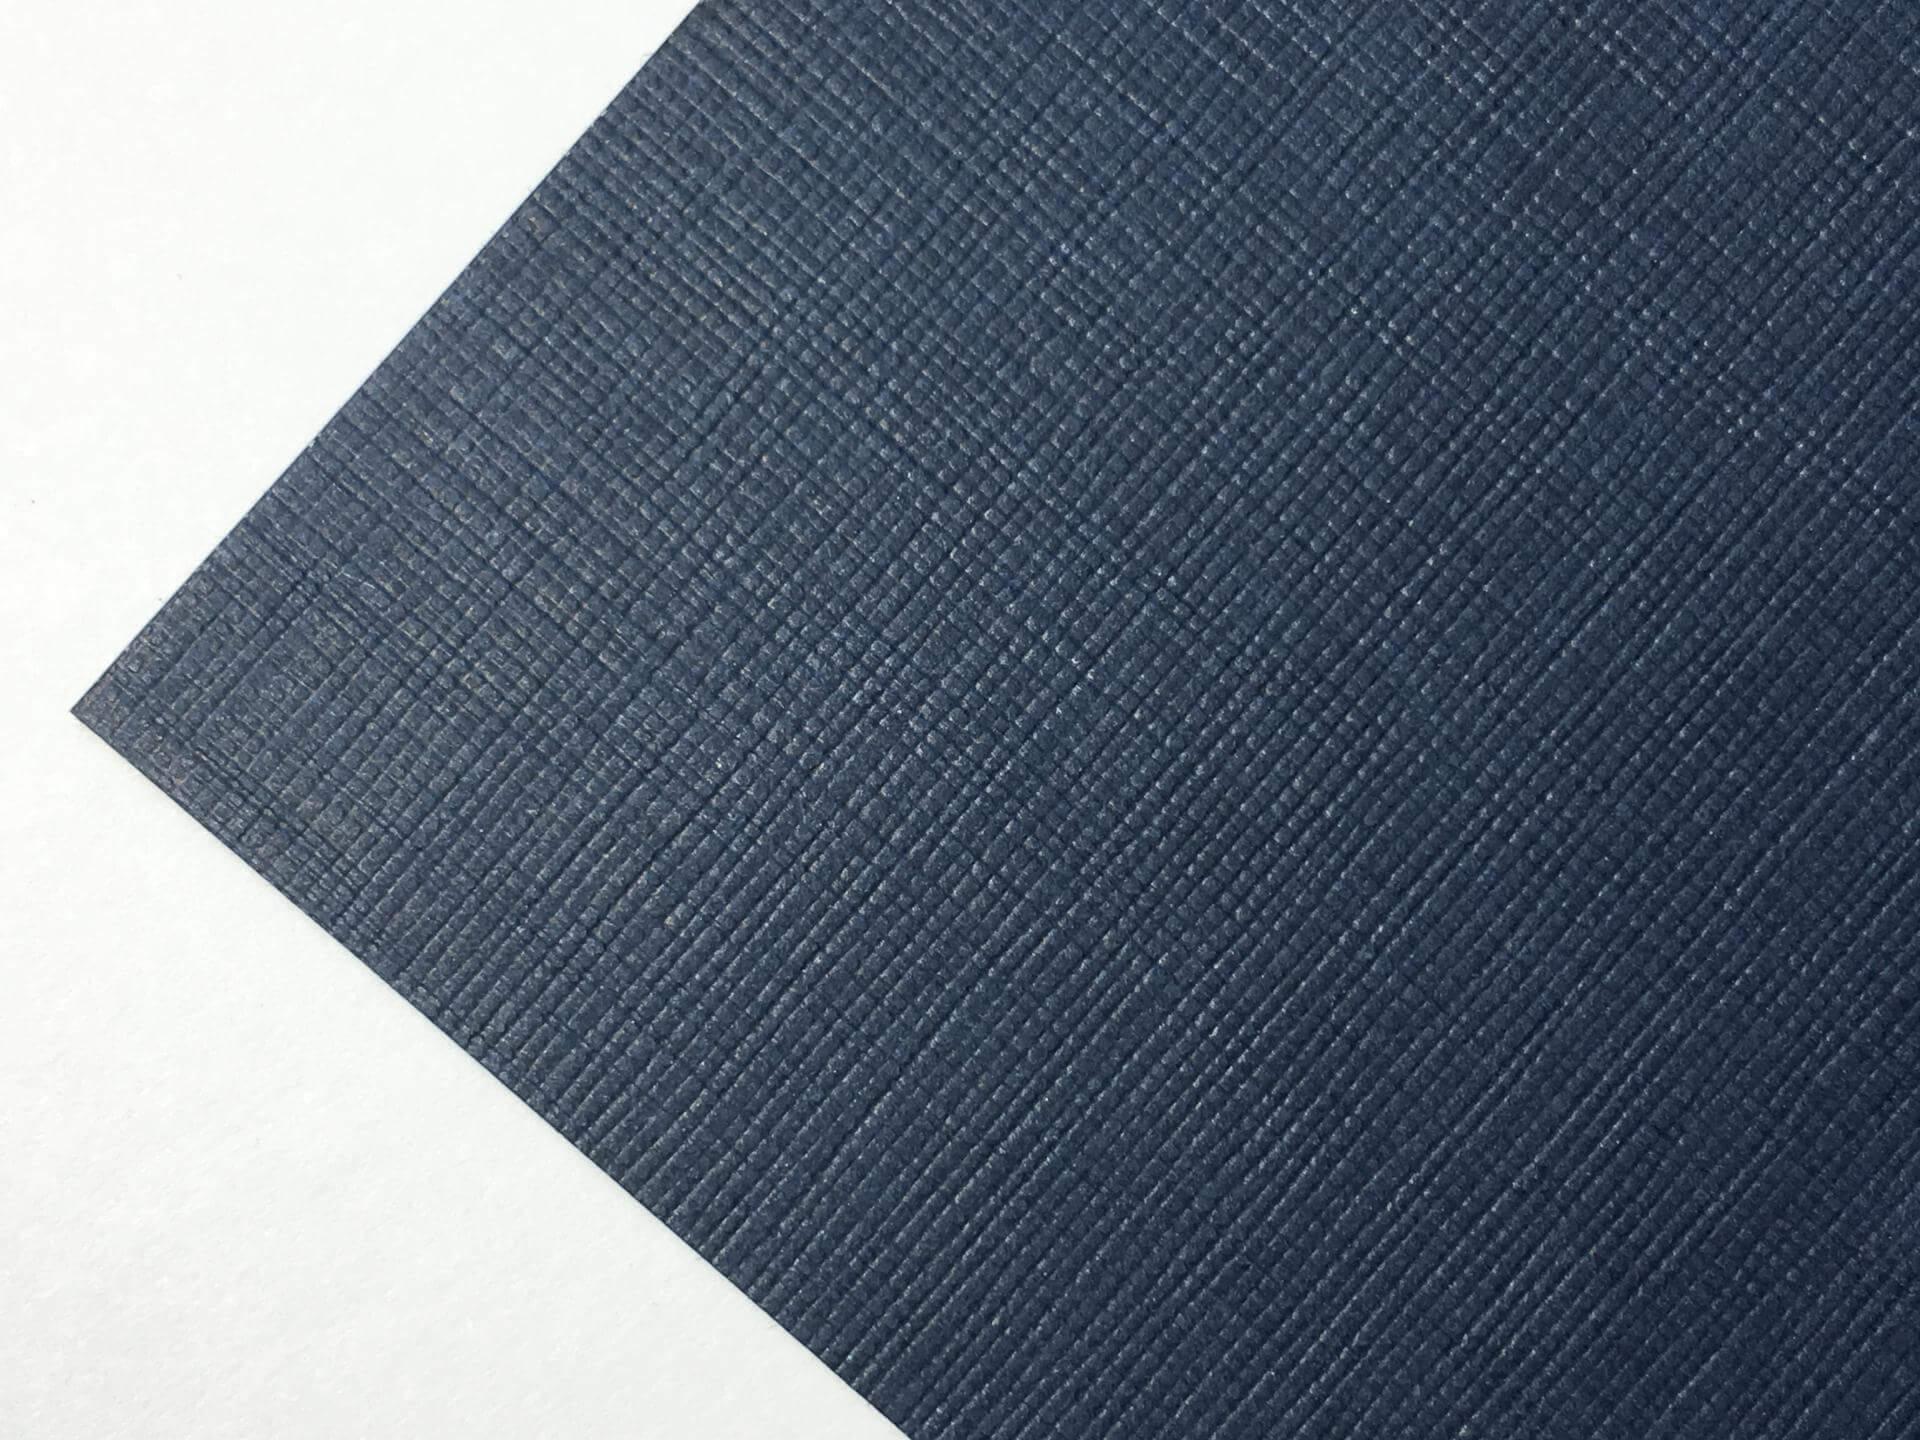 Бумага с текстурой льна Imitlin fiandra blu notte 30х30 см, плотность 125 г/м2